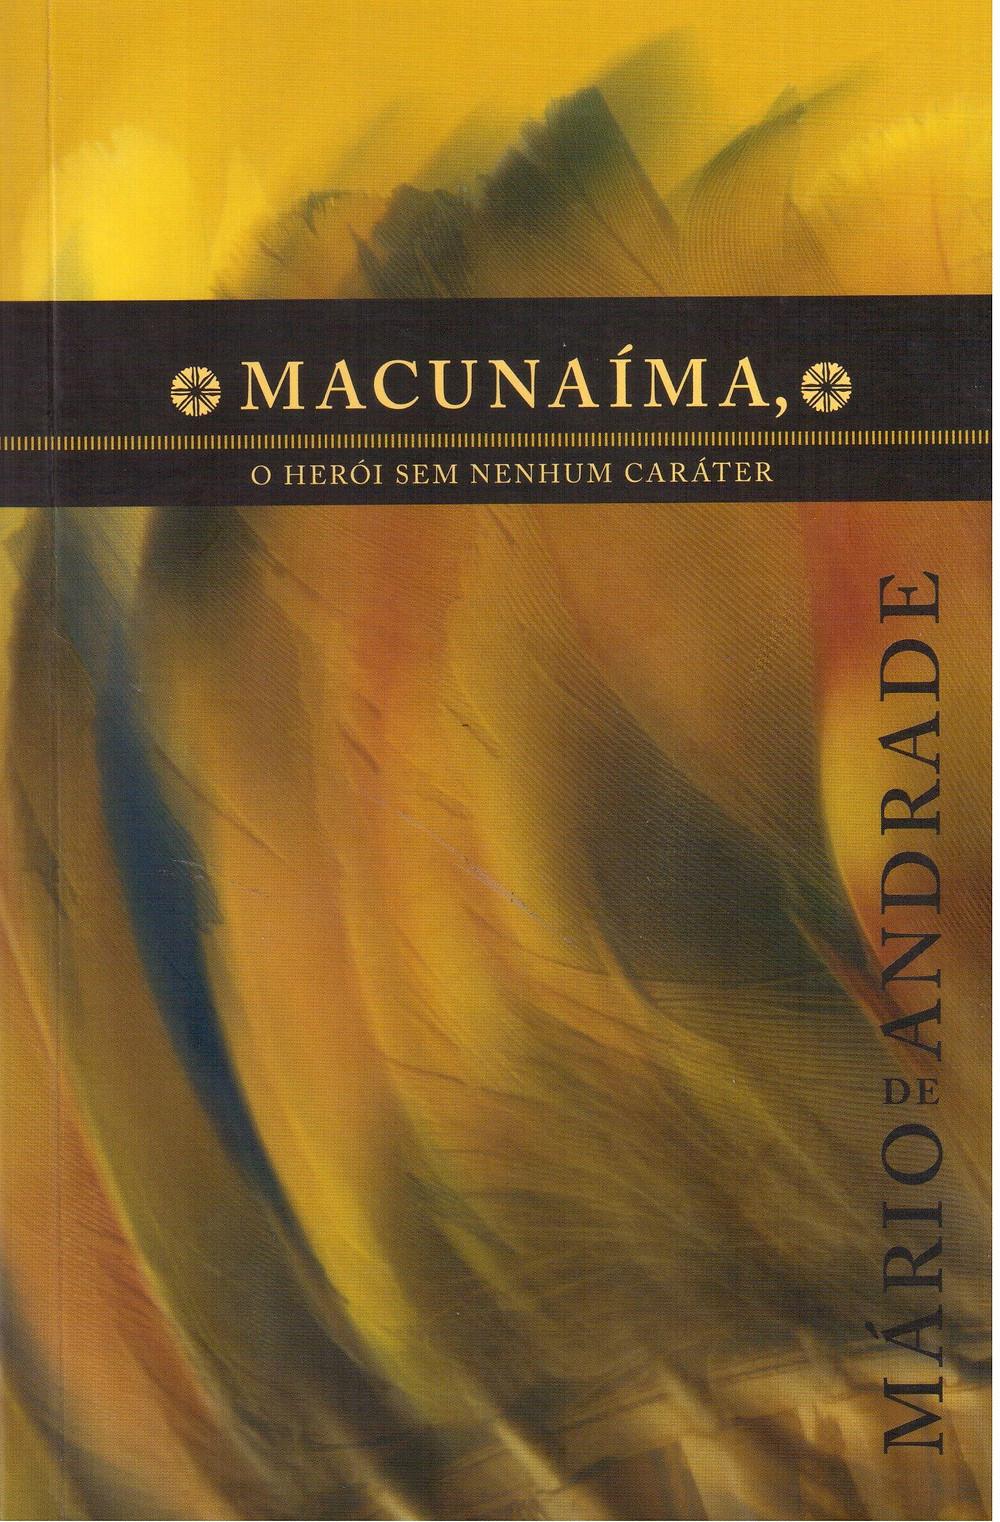 Macunaíma, O Herói sem Nenhum Caráter - Mário de Andrade